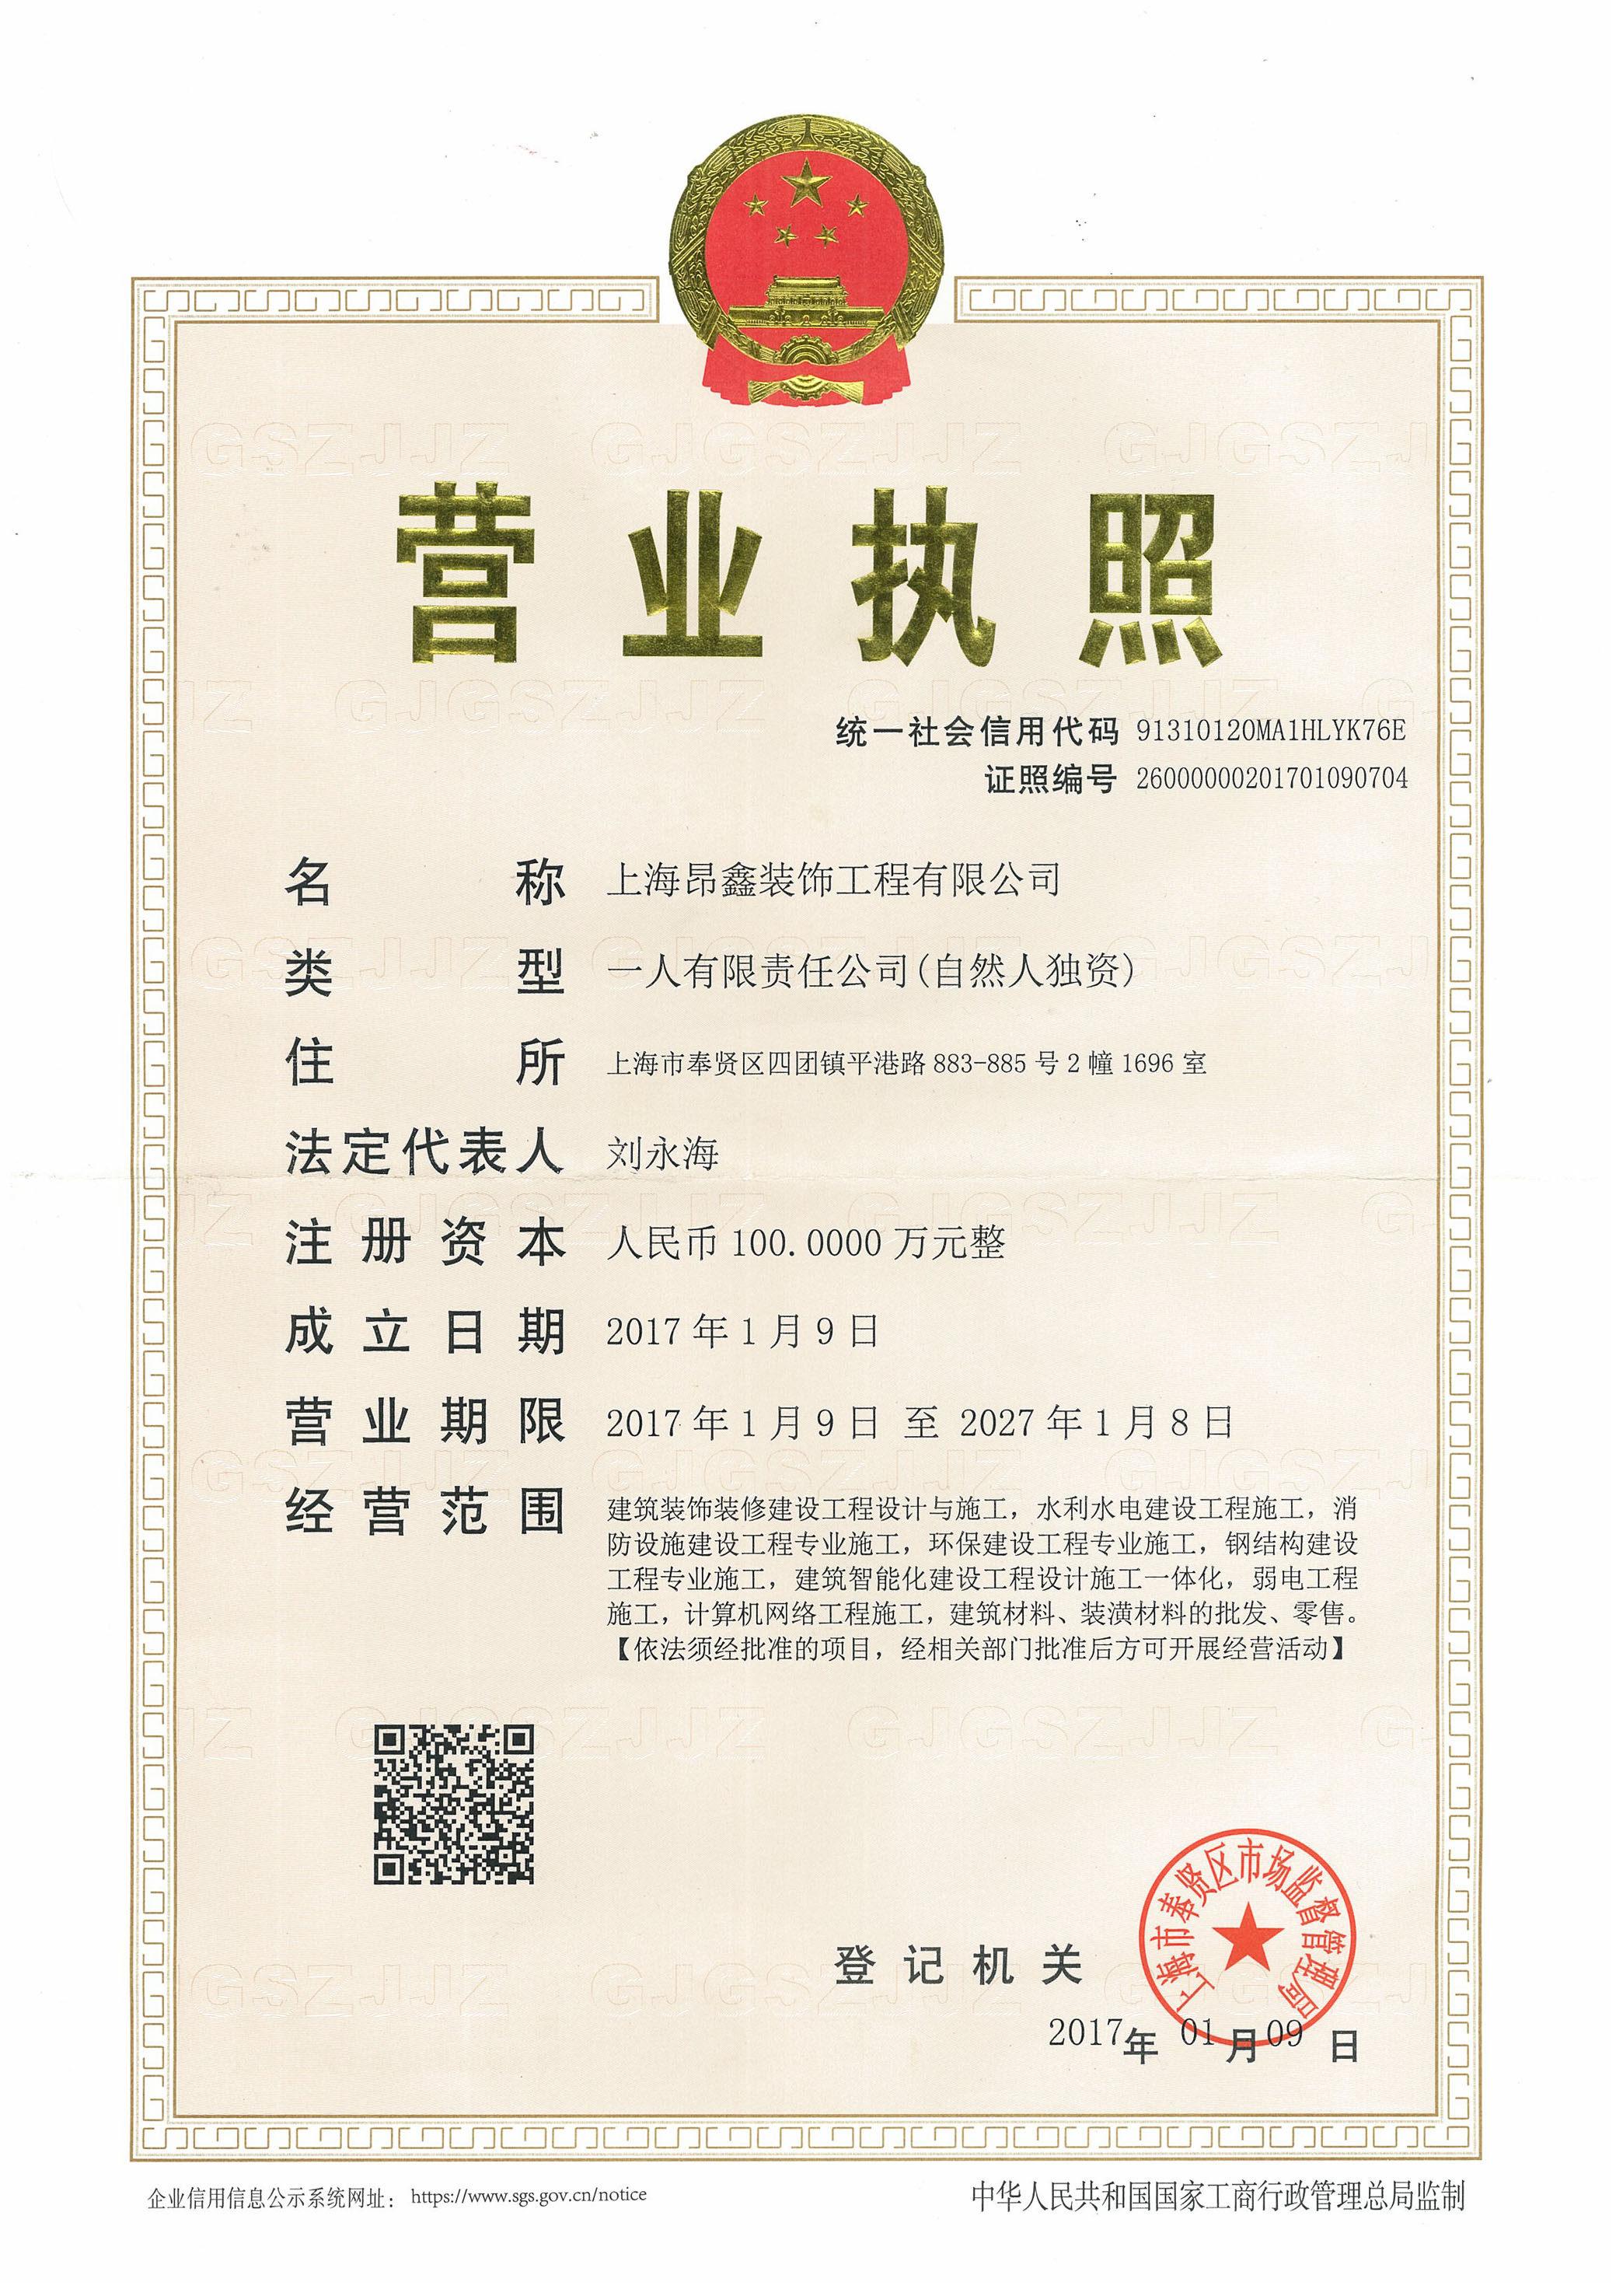 上海昂鑫装饰工程有限公司